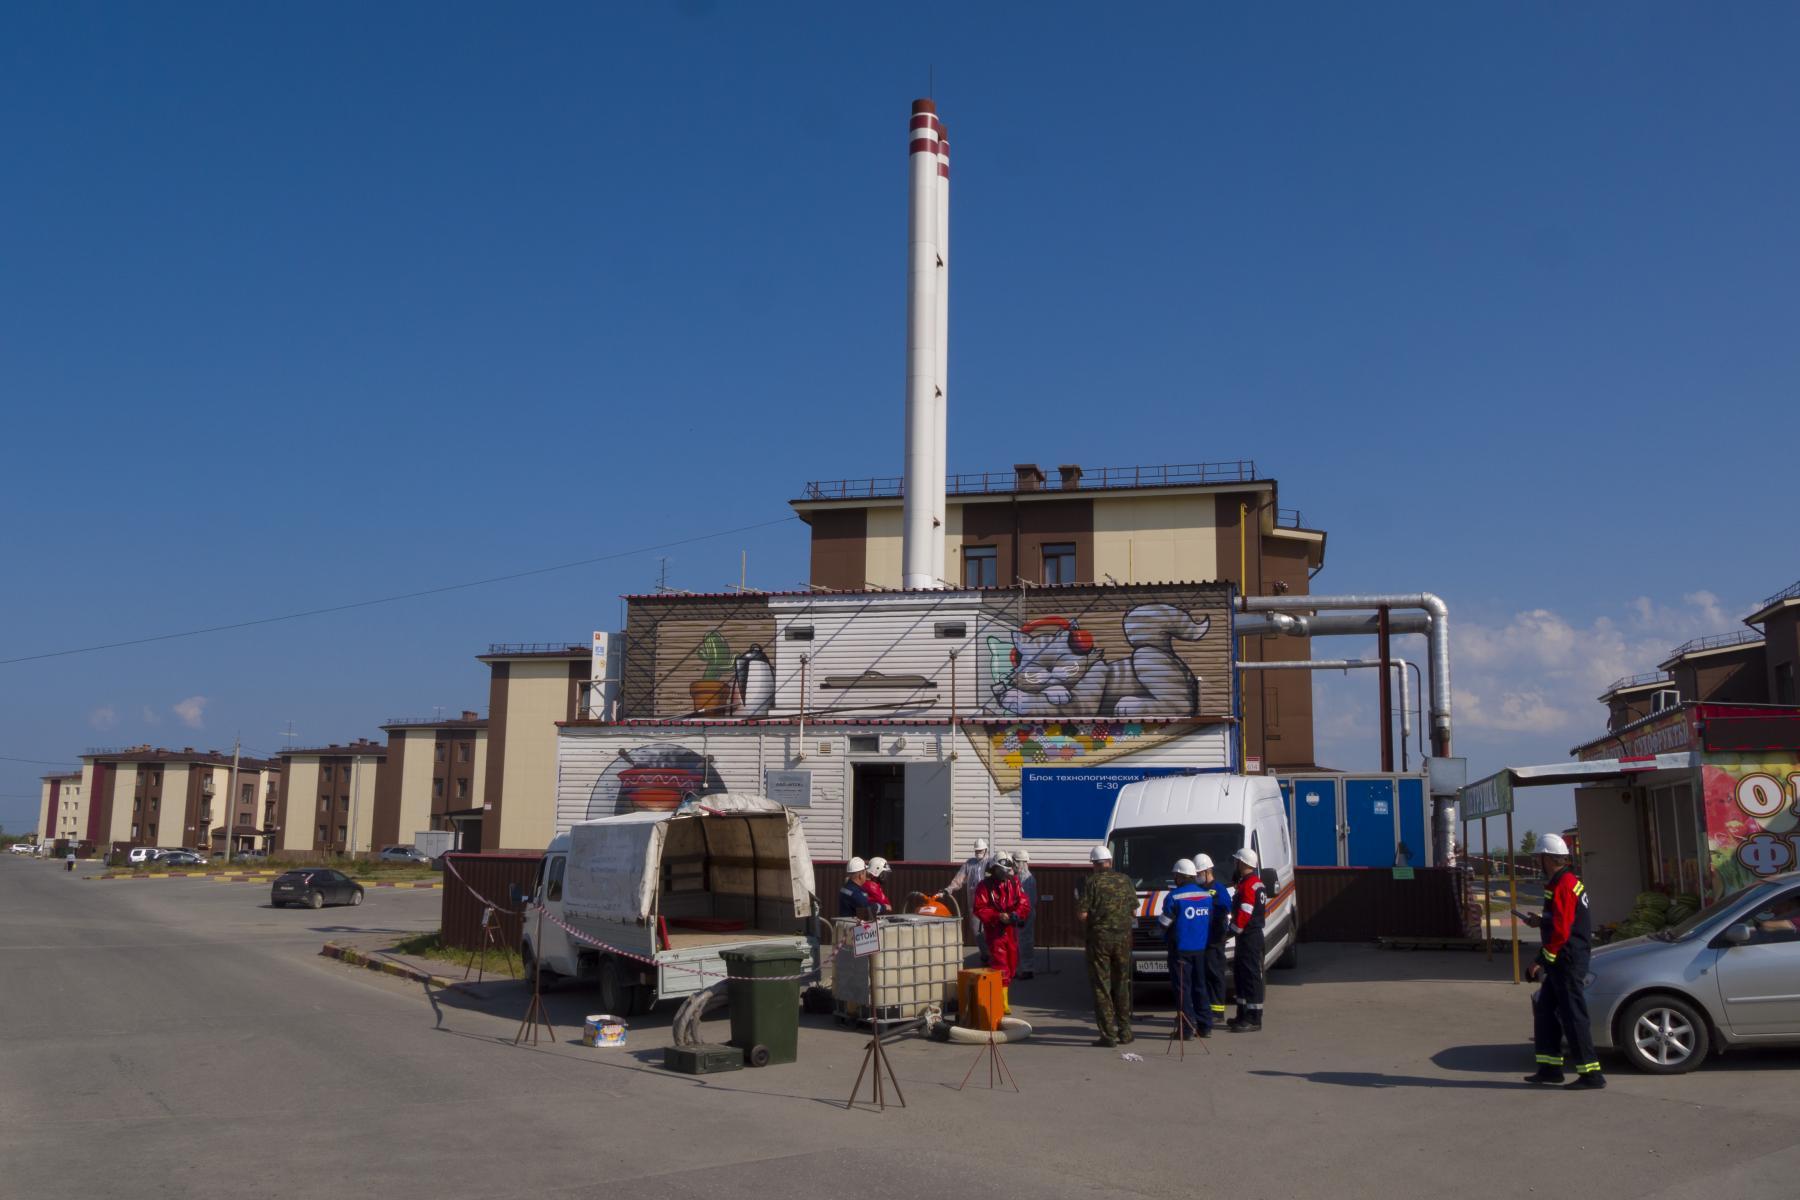 Фото Разлив топлива: люди в химзащите шокировали жителей посёлка под Новосибирском 6